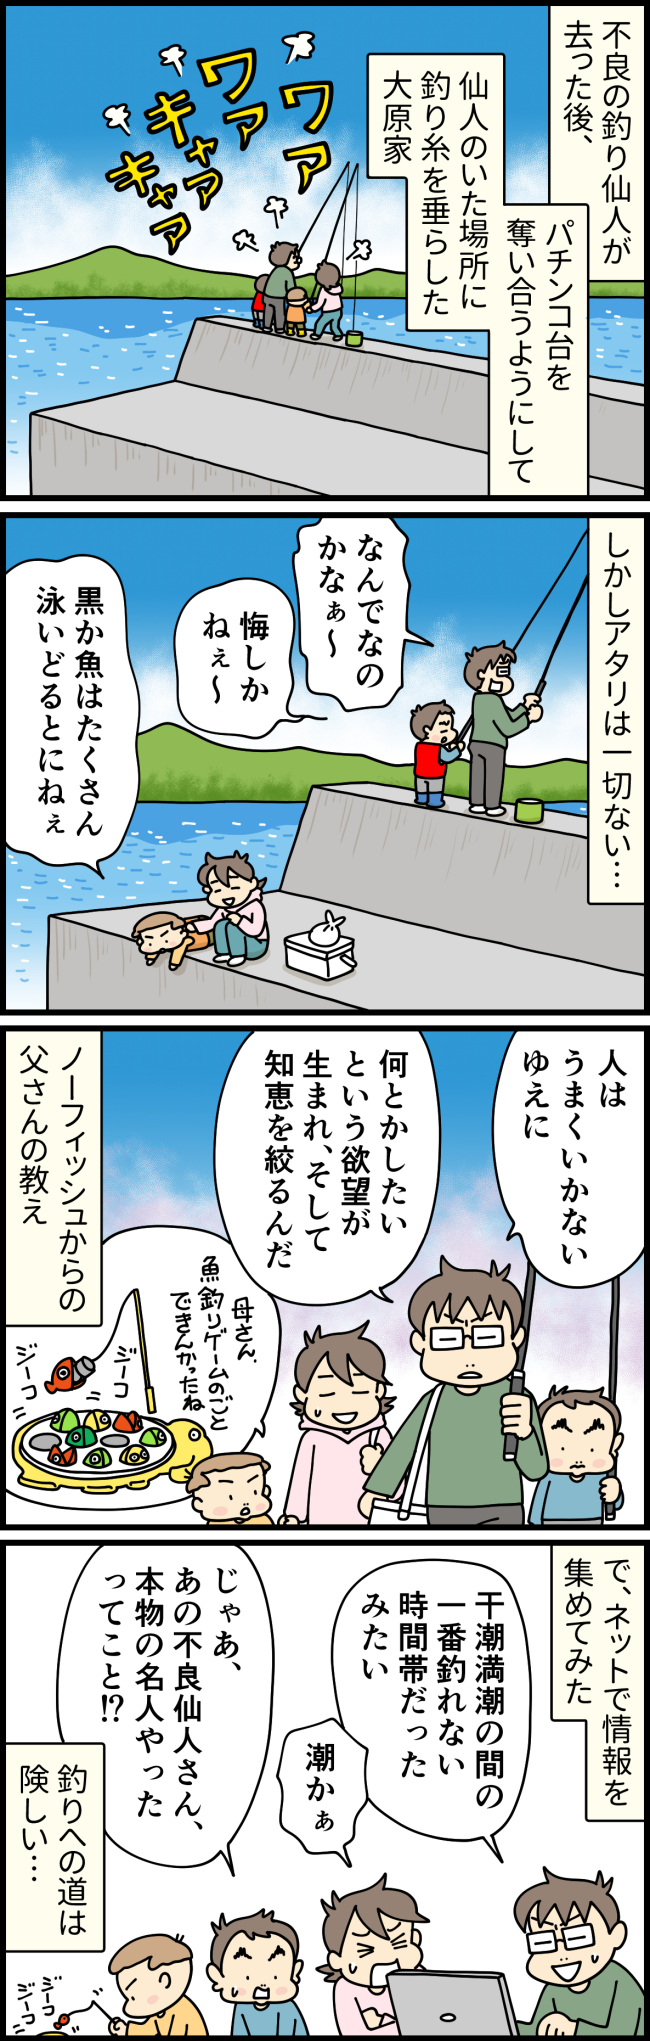 1匹も釣れずに過ごすごと漁港を去る大原由軌子とその家族